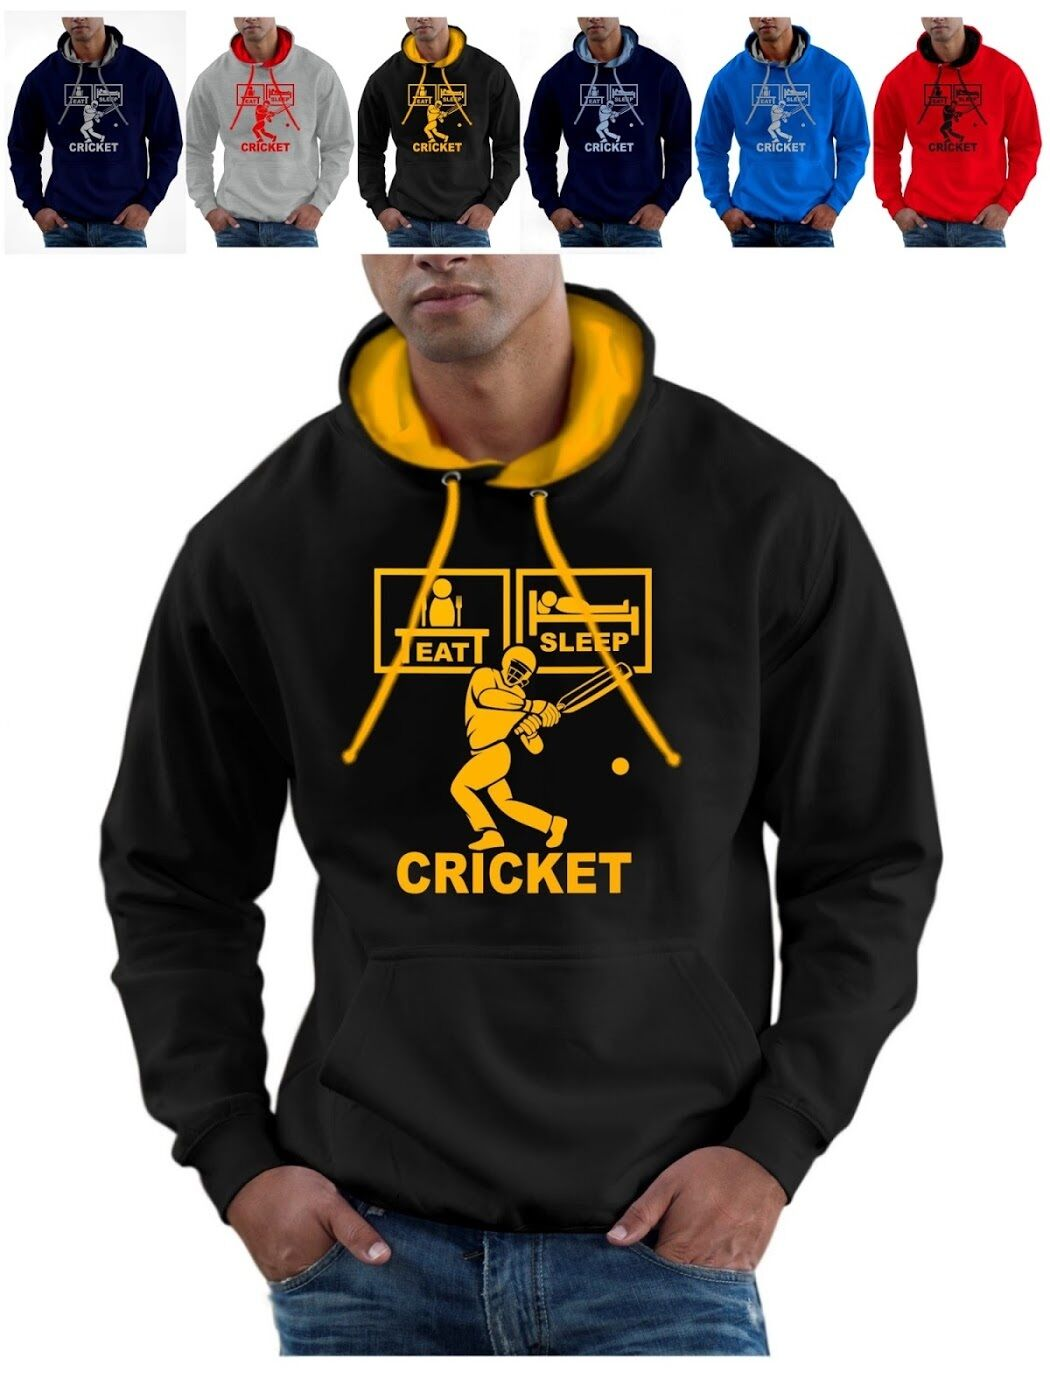 Eat Sleep Cricket Hoodie with Pads Helmet Gloves Bat plus Ball hoody pullover